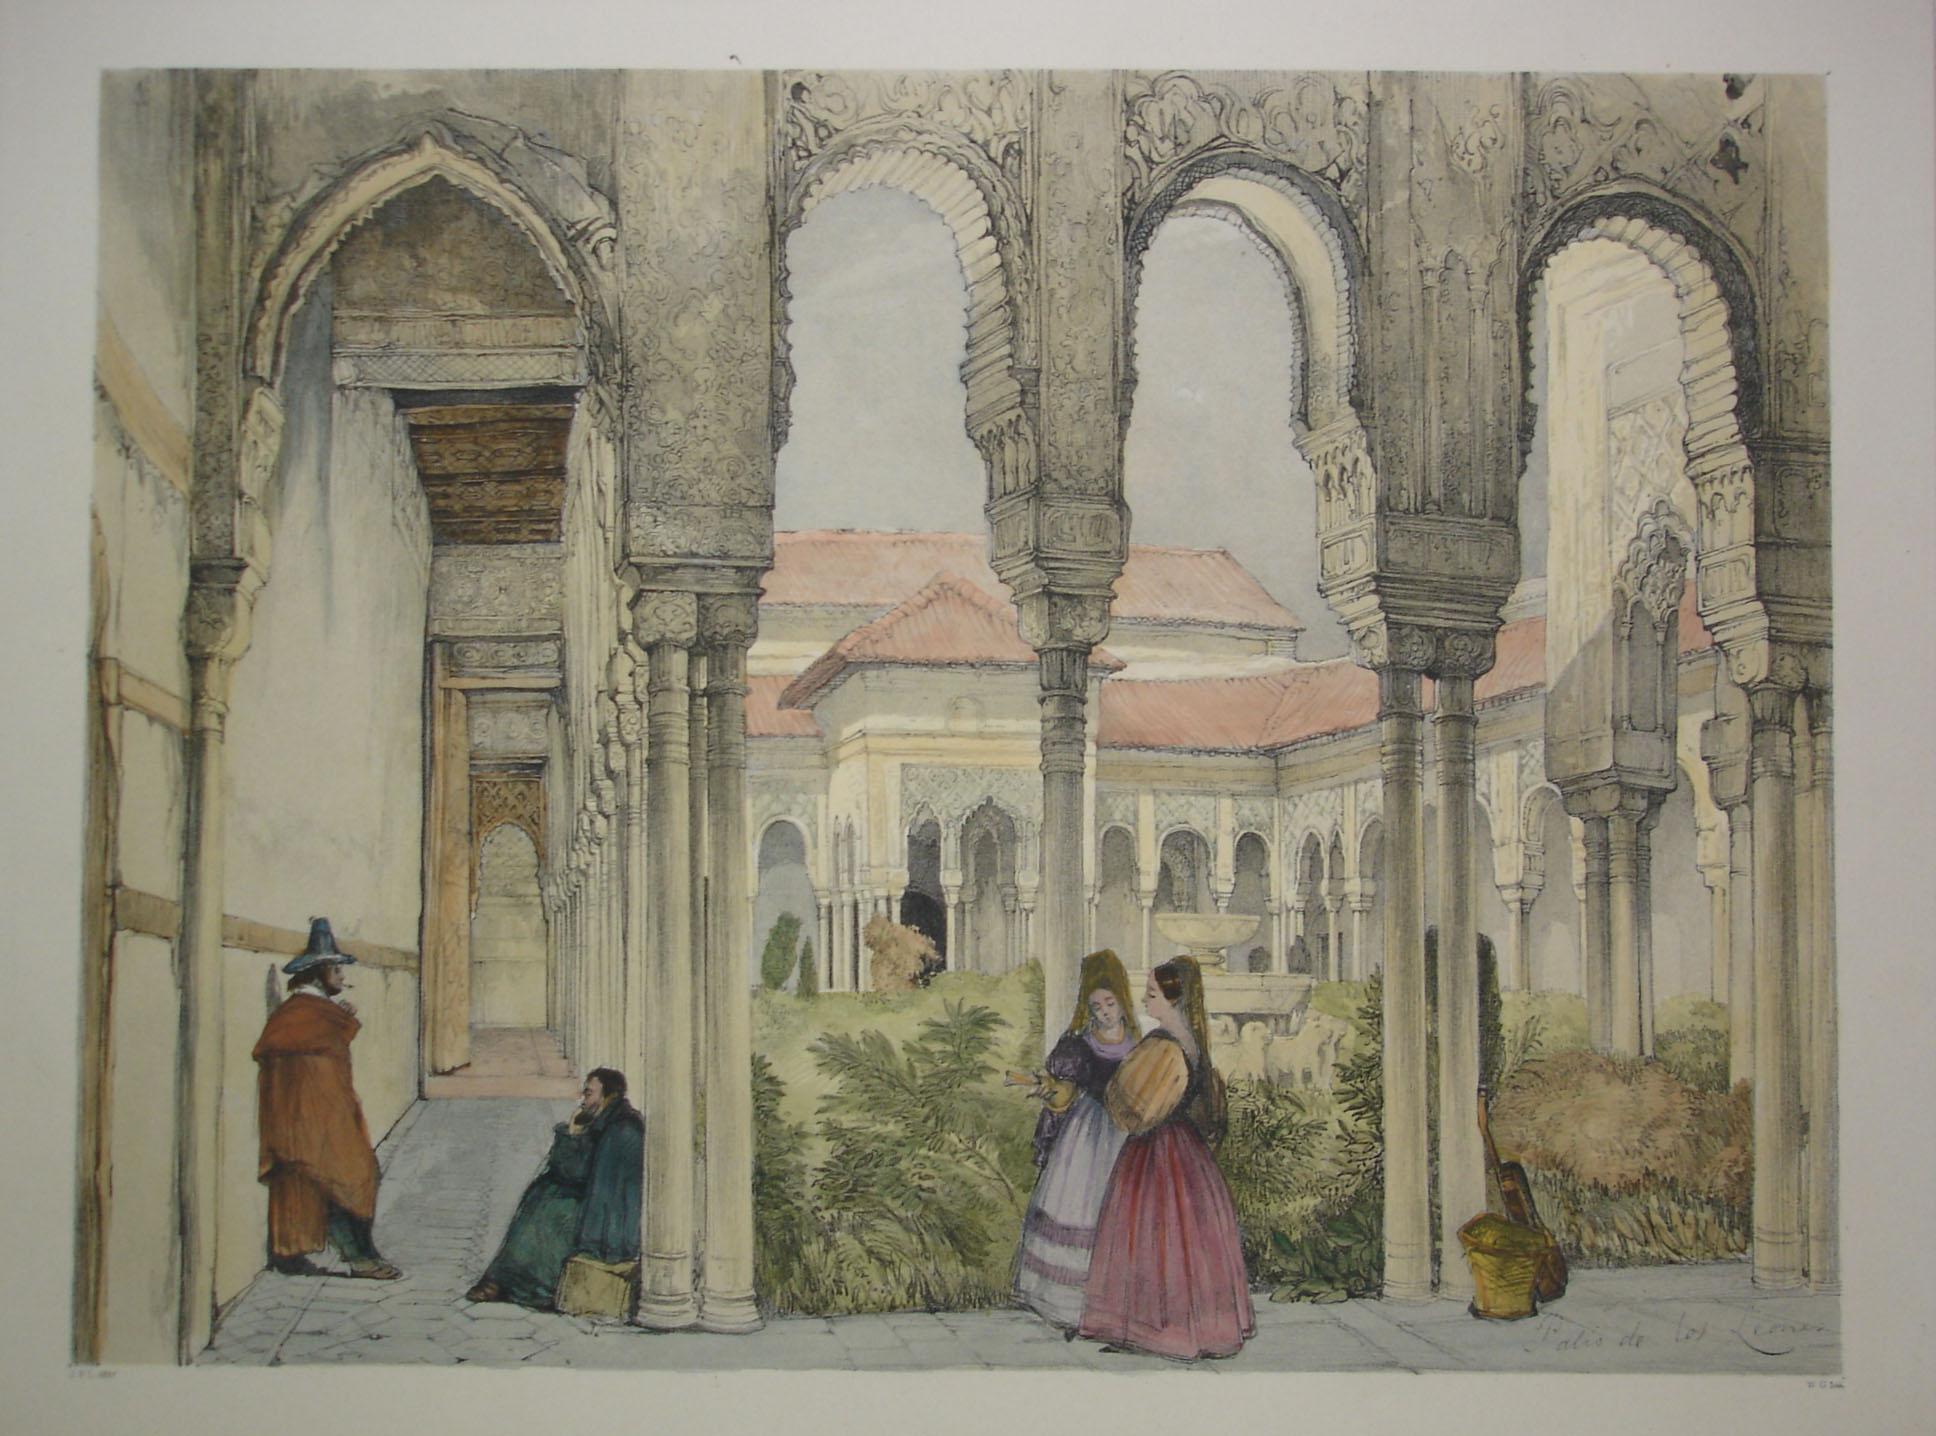 Vista Del Patio De Los Leones De La Alhambra En Granada